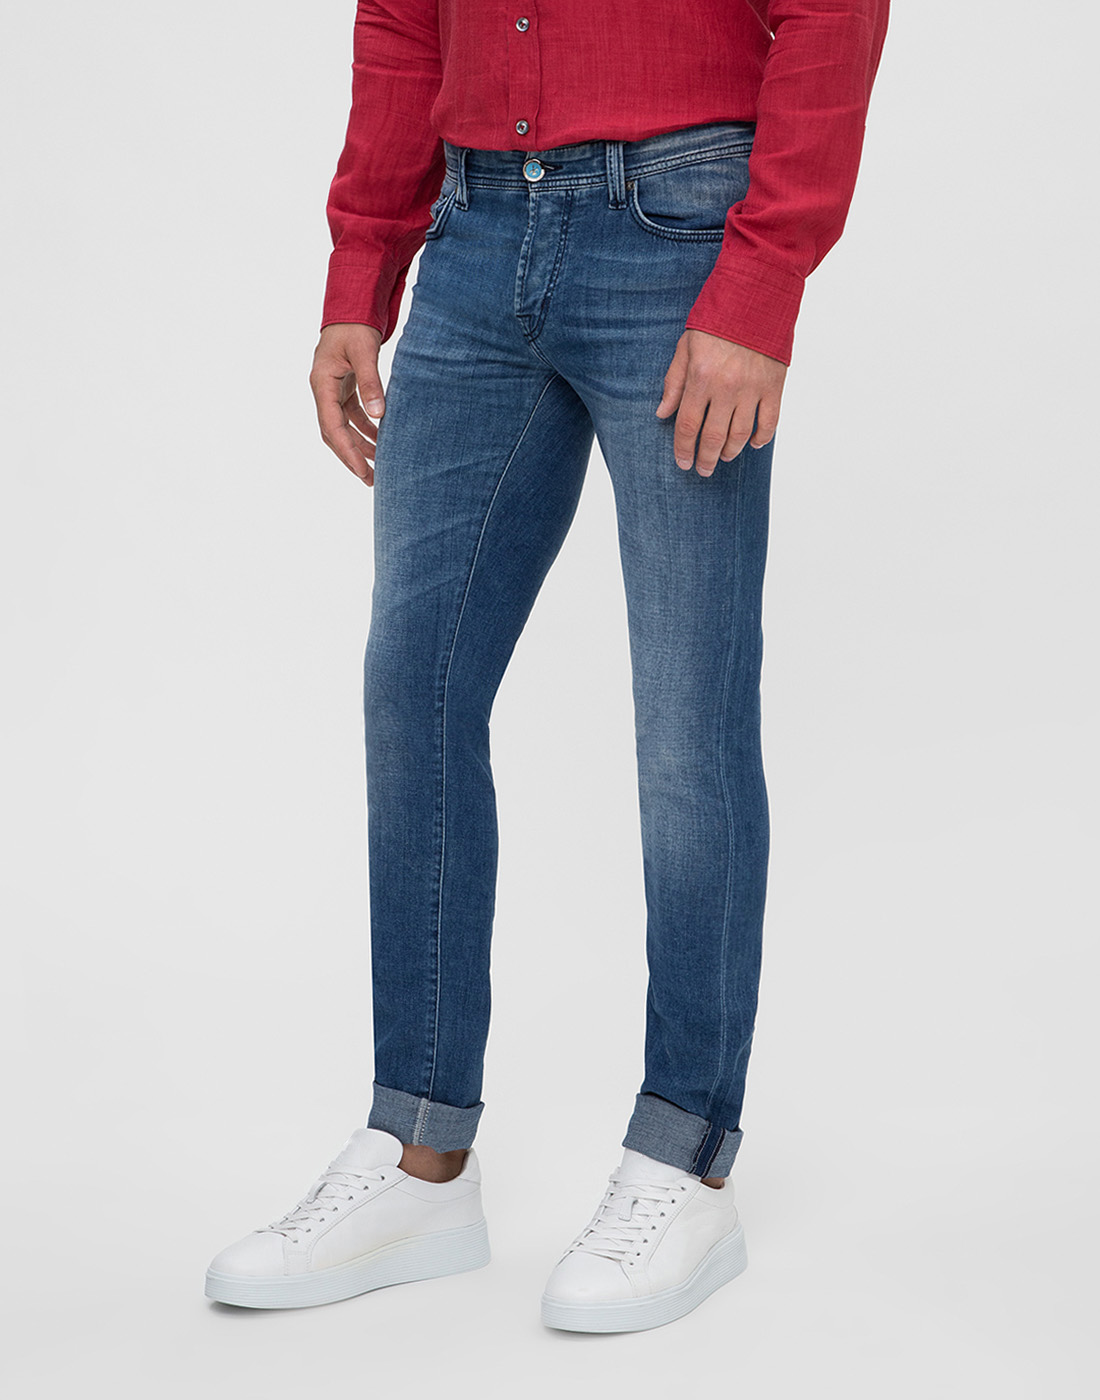 Мужские синие джинсы Leonardo